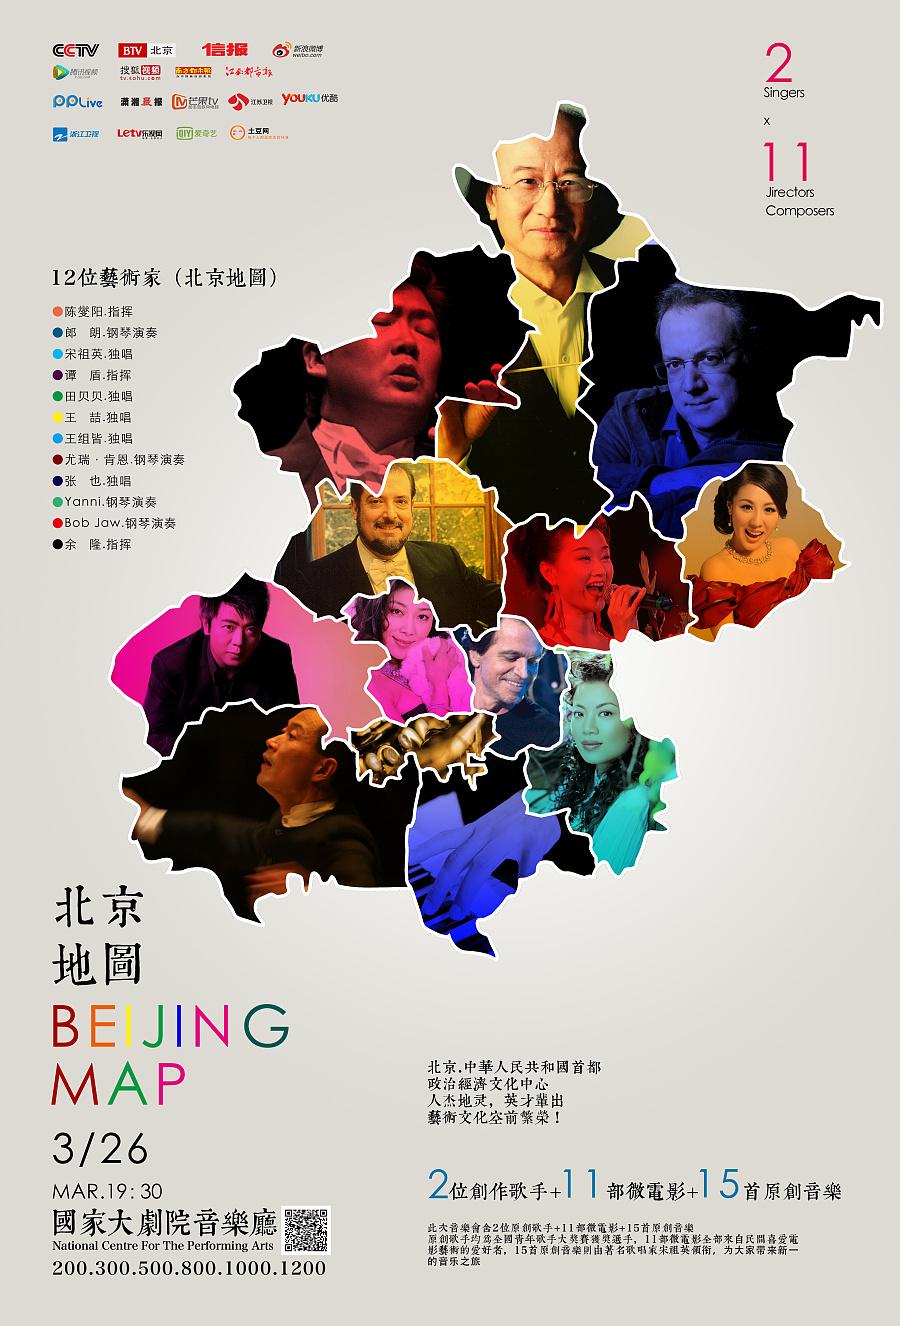 各种海报 海报 平面 张连杰 - 原创设计作品 - 站